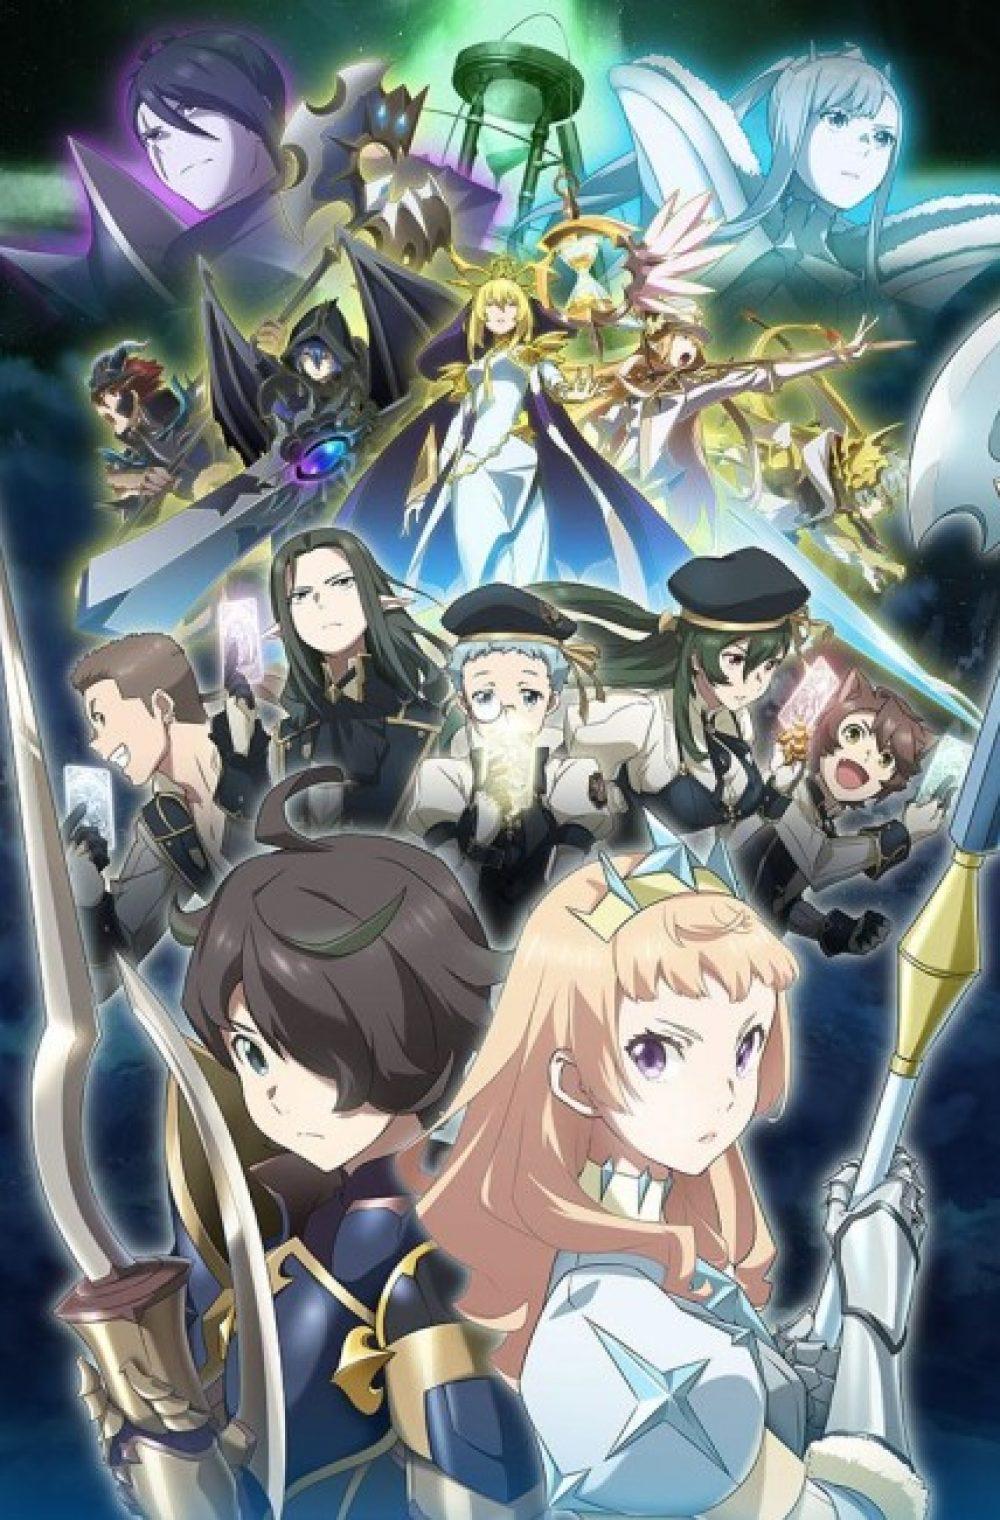 Seven Knights Revolution Eiyuu no Keishousha – SEVEN KNIGHTS REVOLUTION Hero Successor